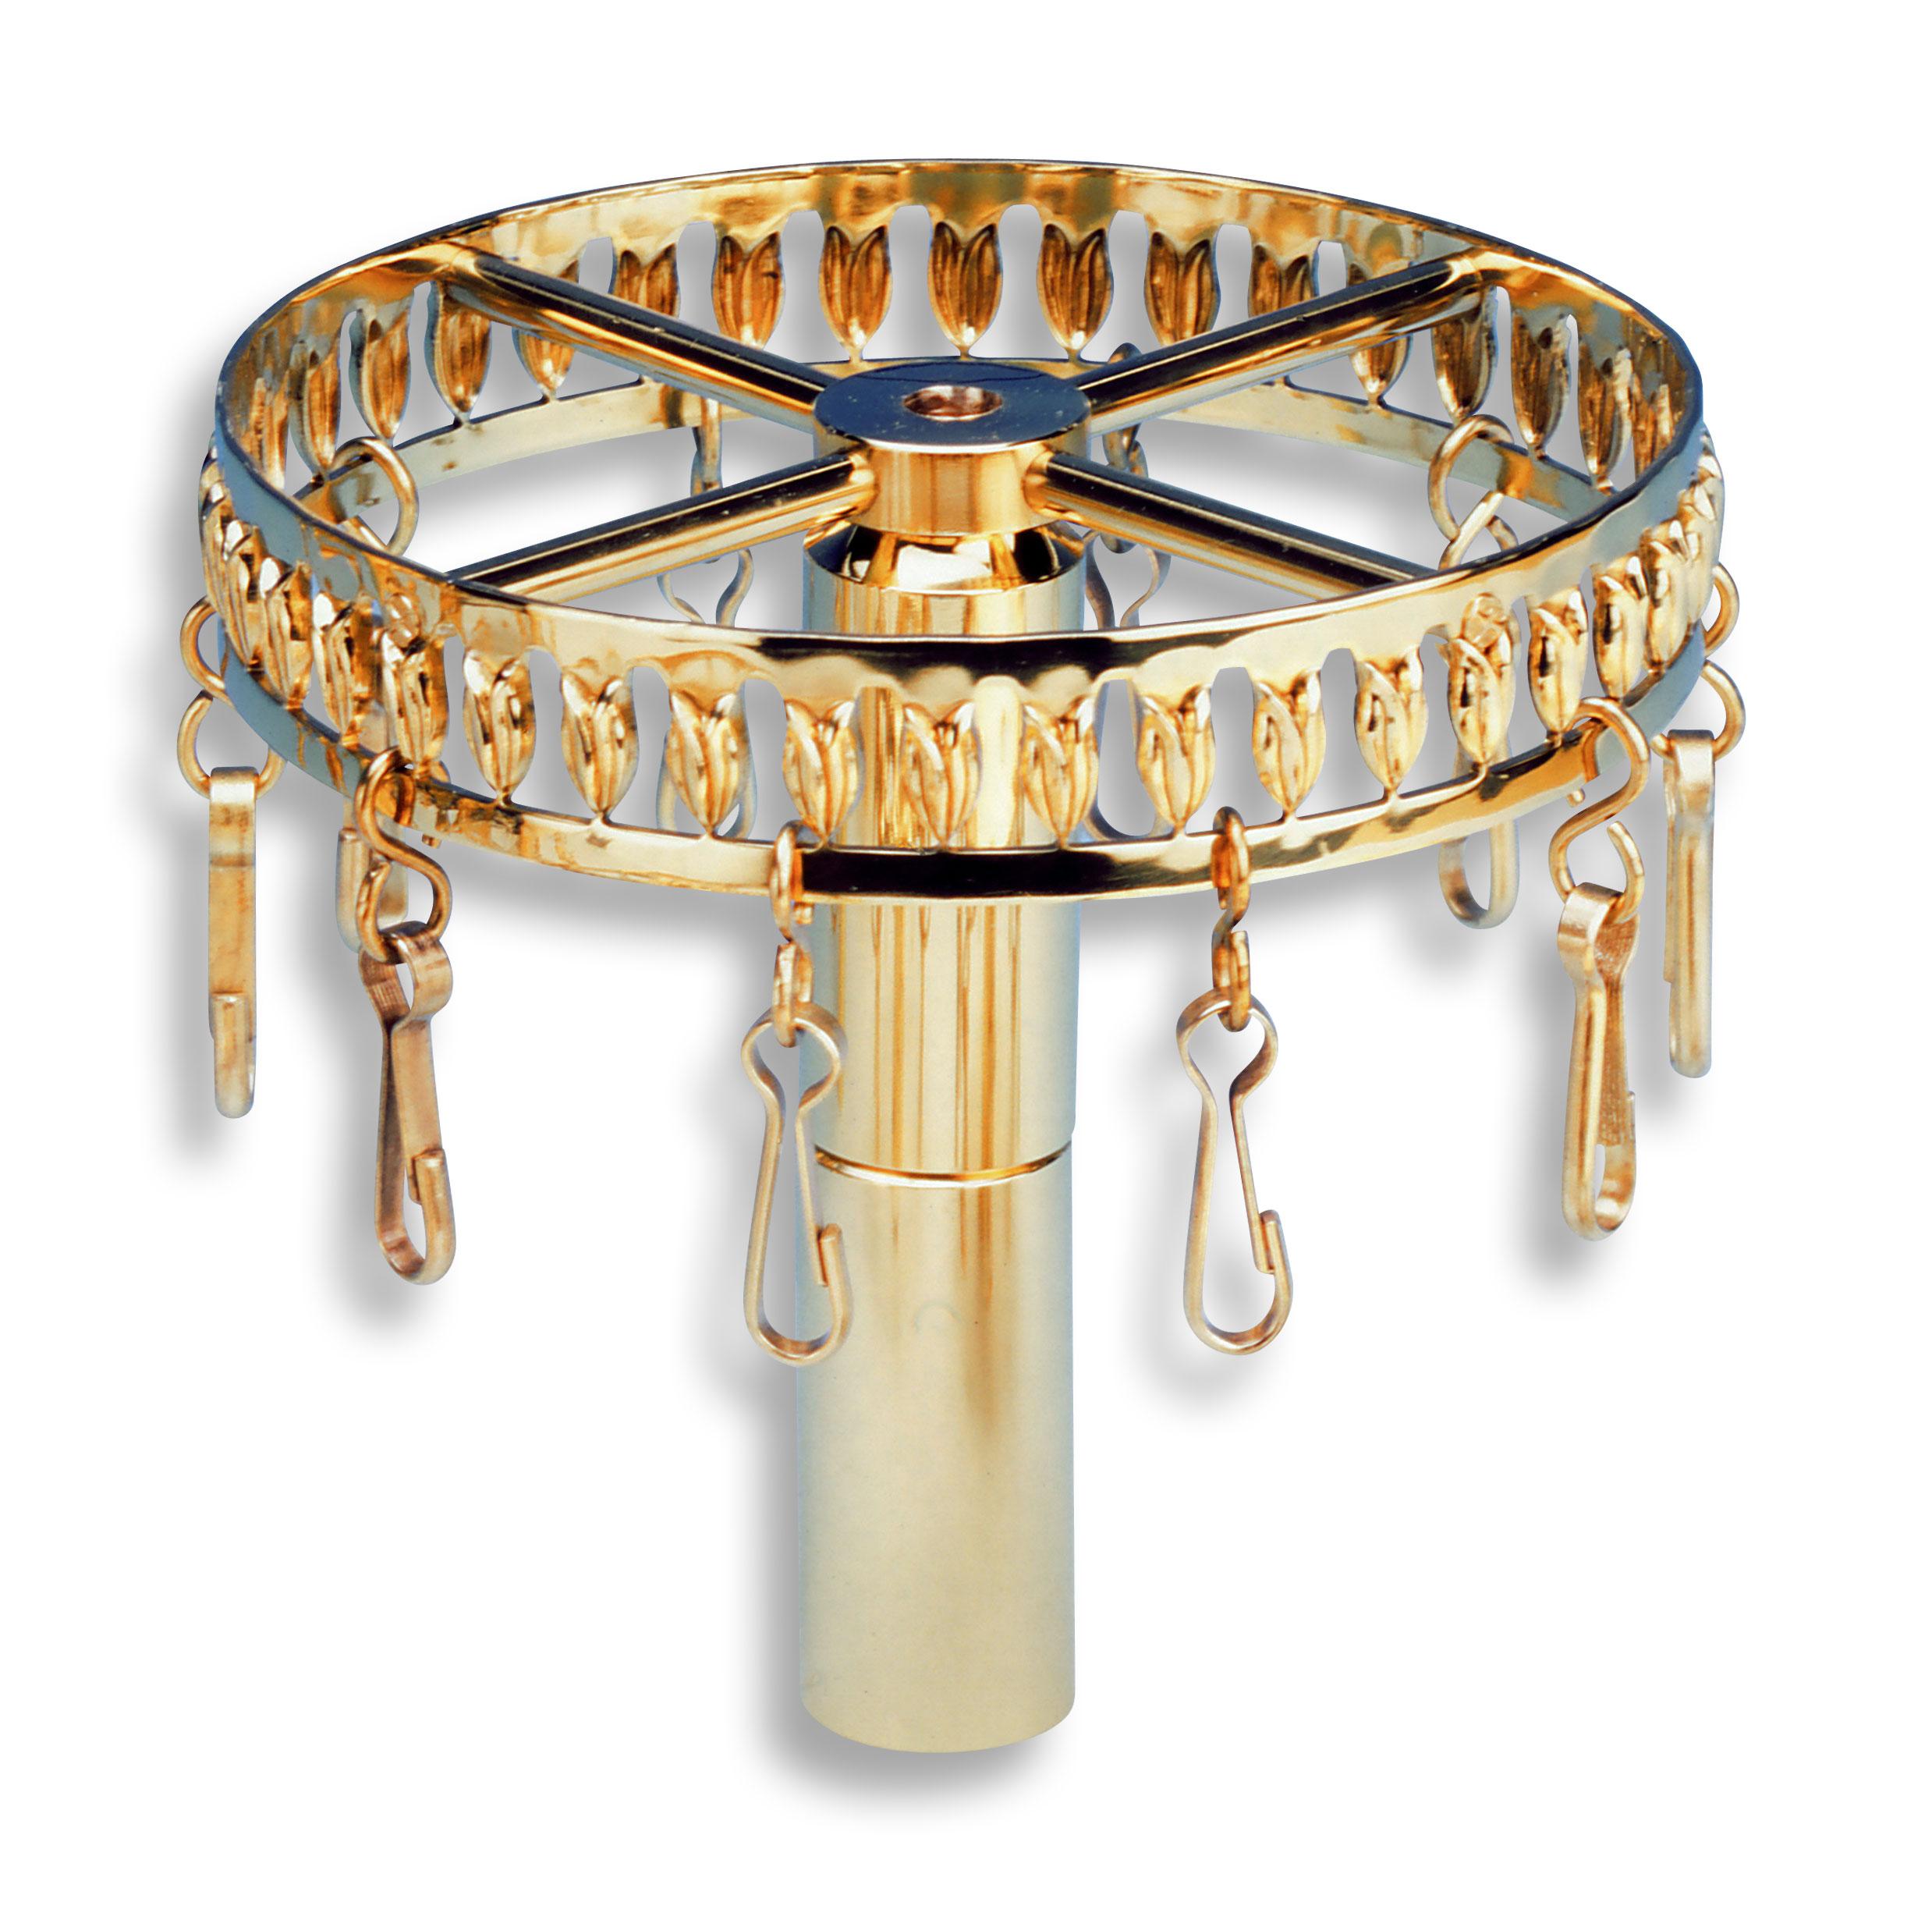 Großer Bänderring mit durchbrochener Verzierung und 12 Karabinerhaken zum Einhängen der Fahnenbänder